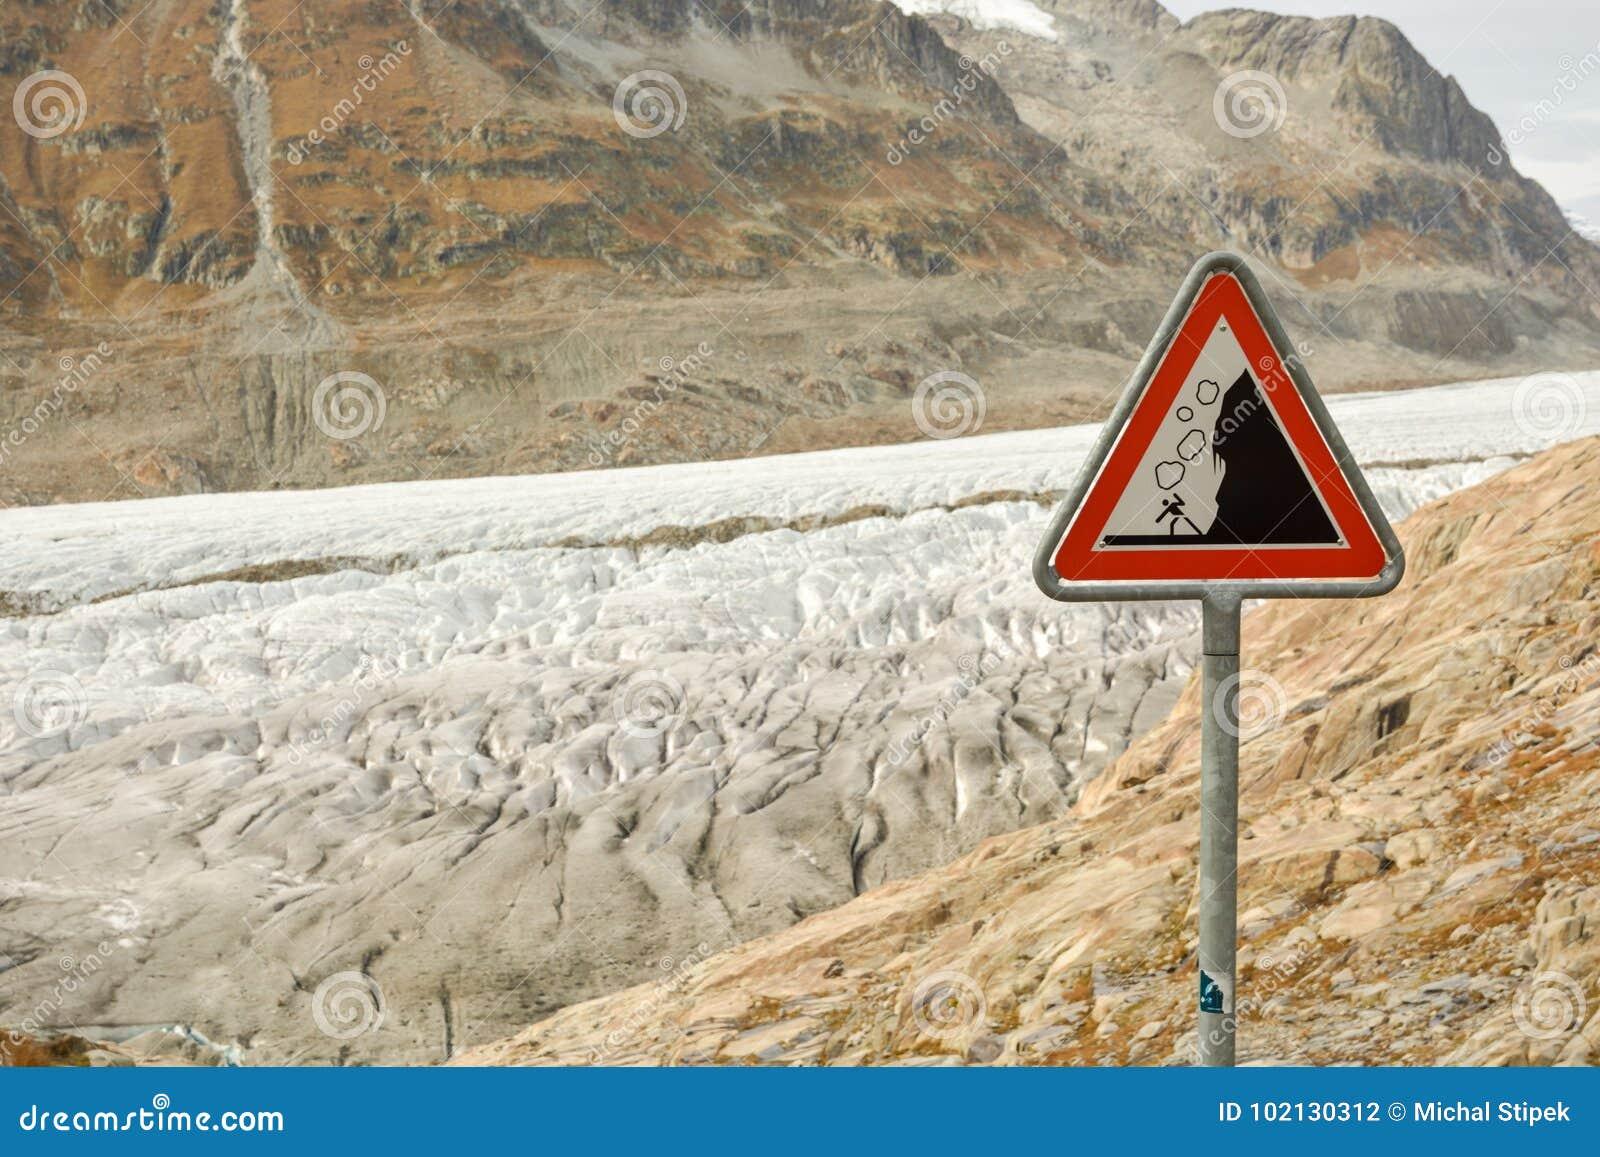 Sinal de estrada com aviso contra rochas de queda